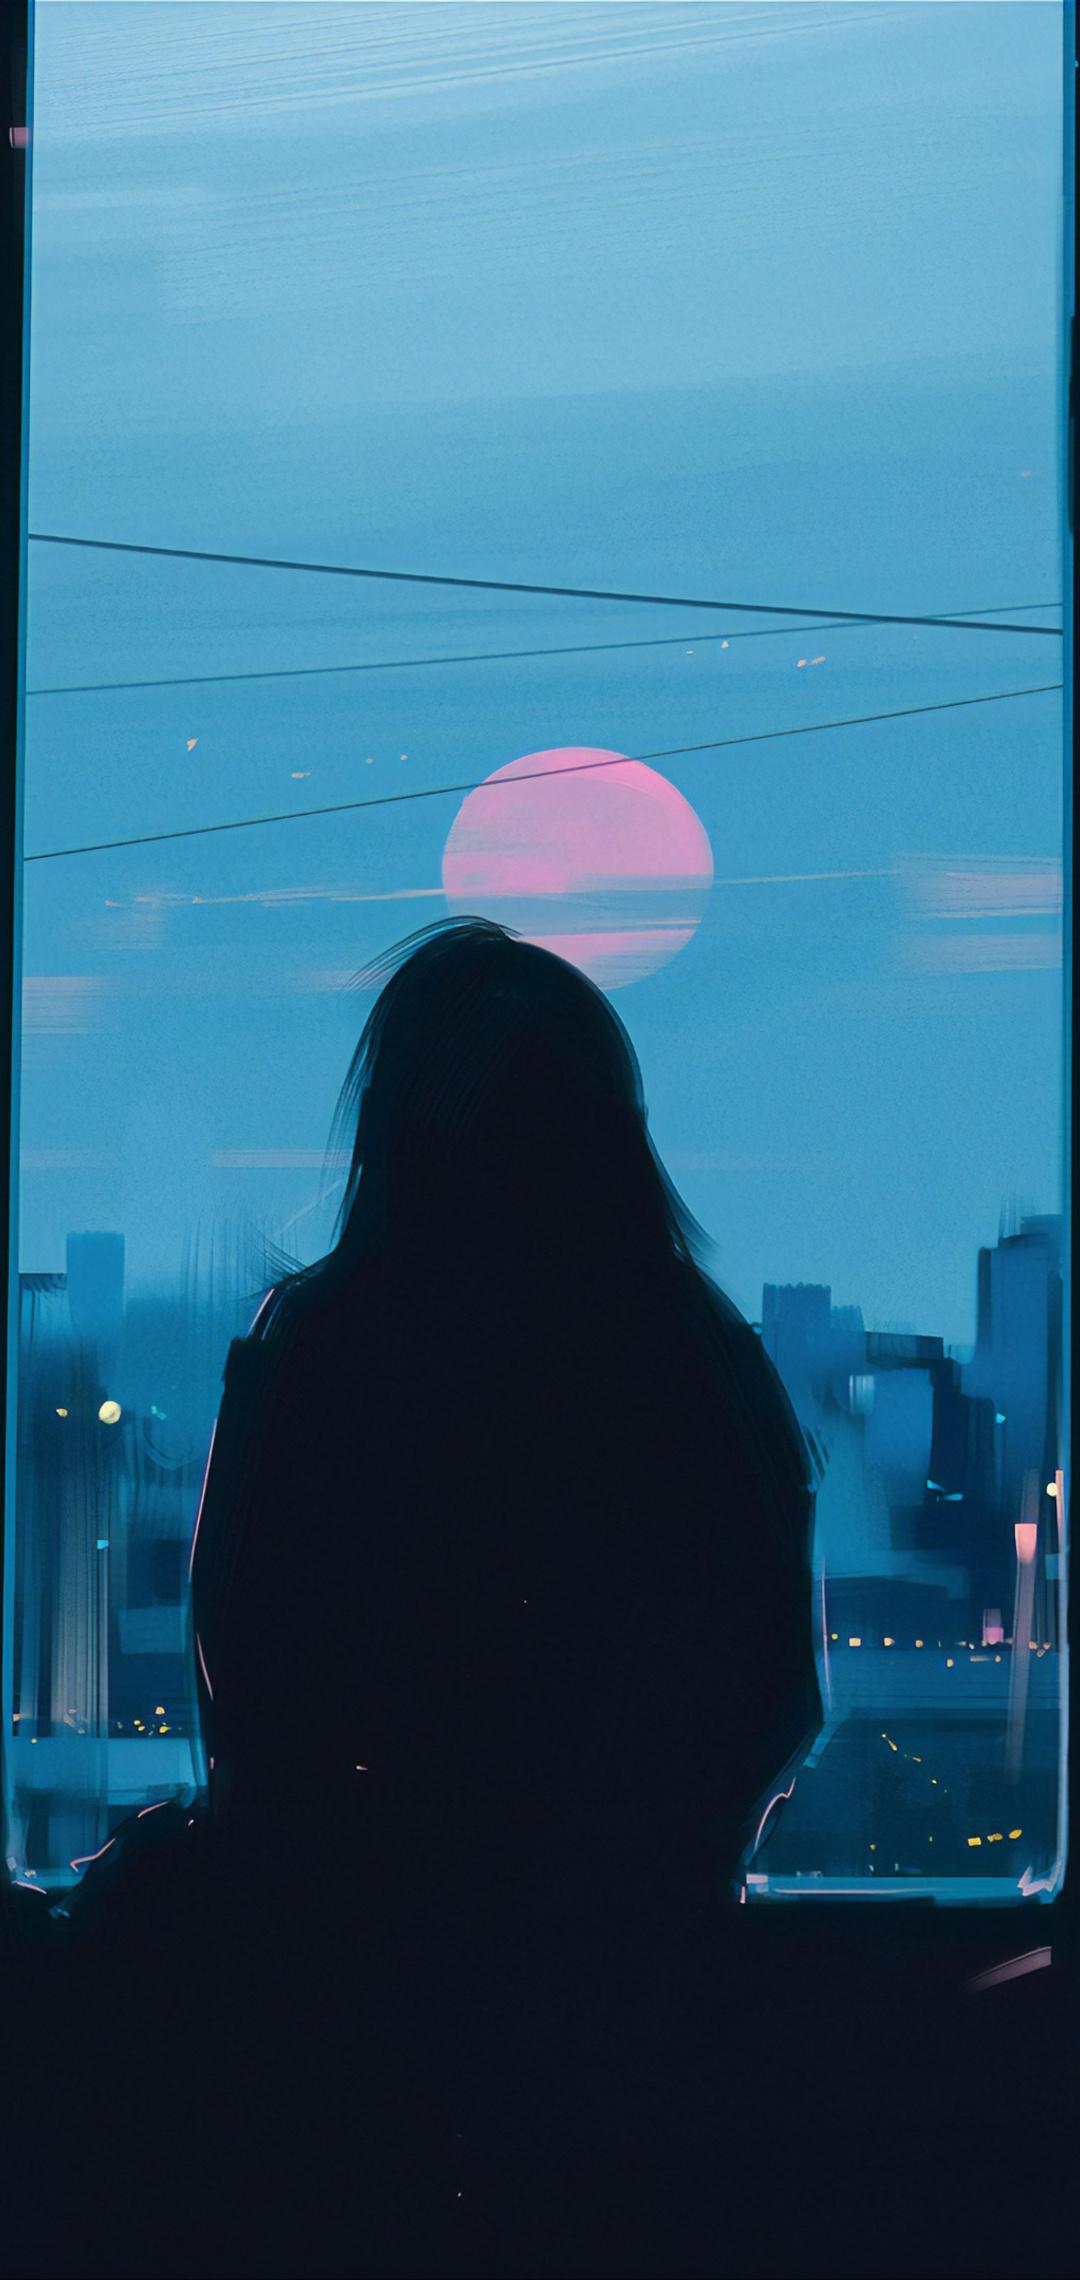 evening-sadness-4k-4z.jpg